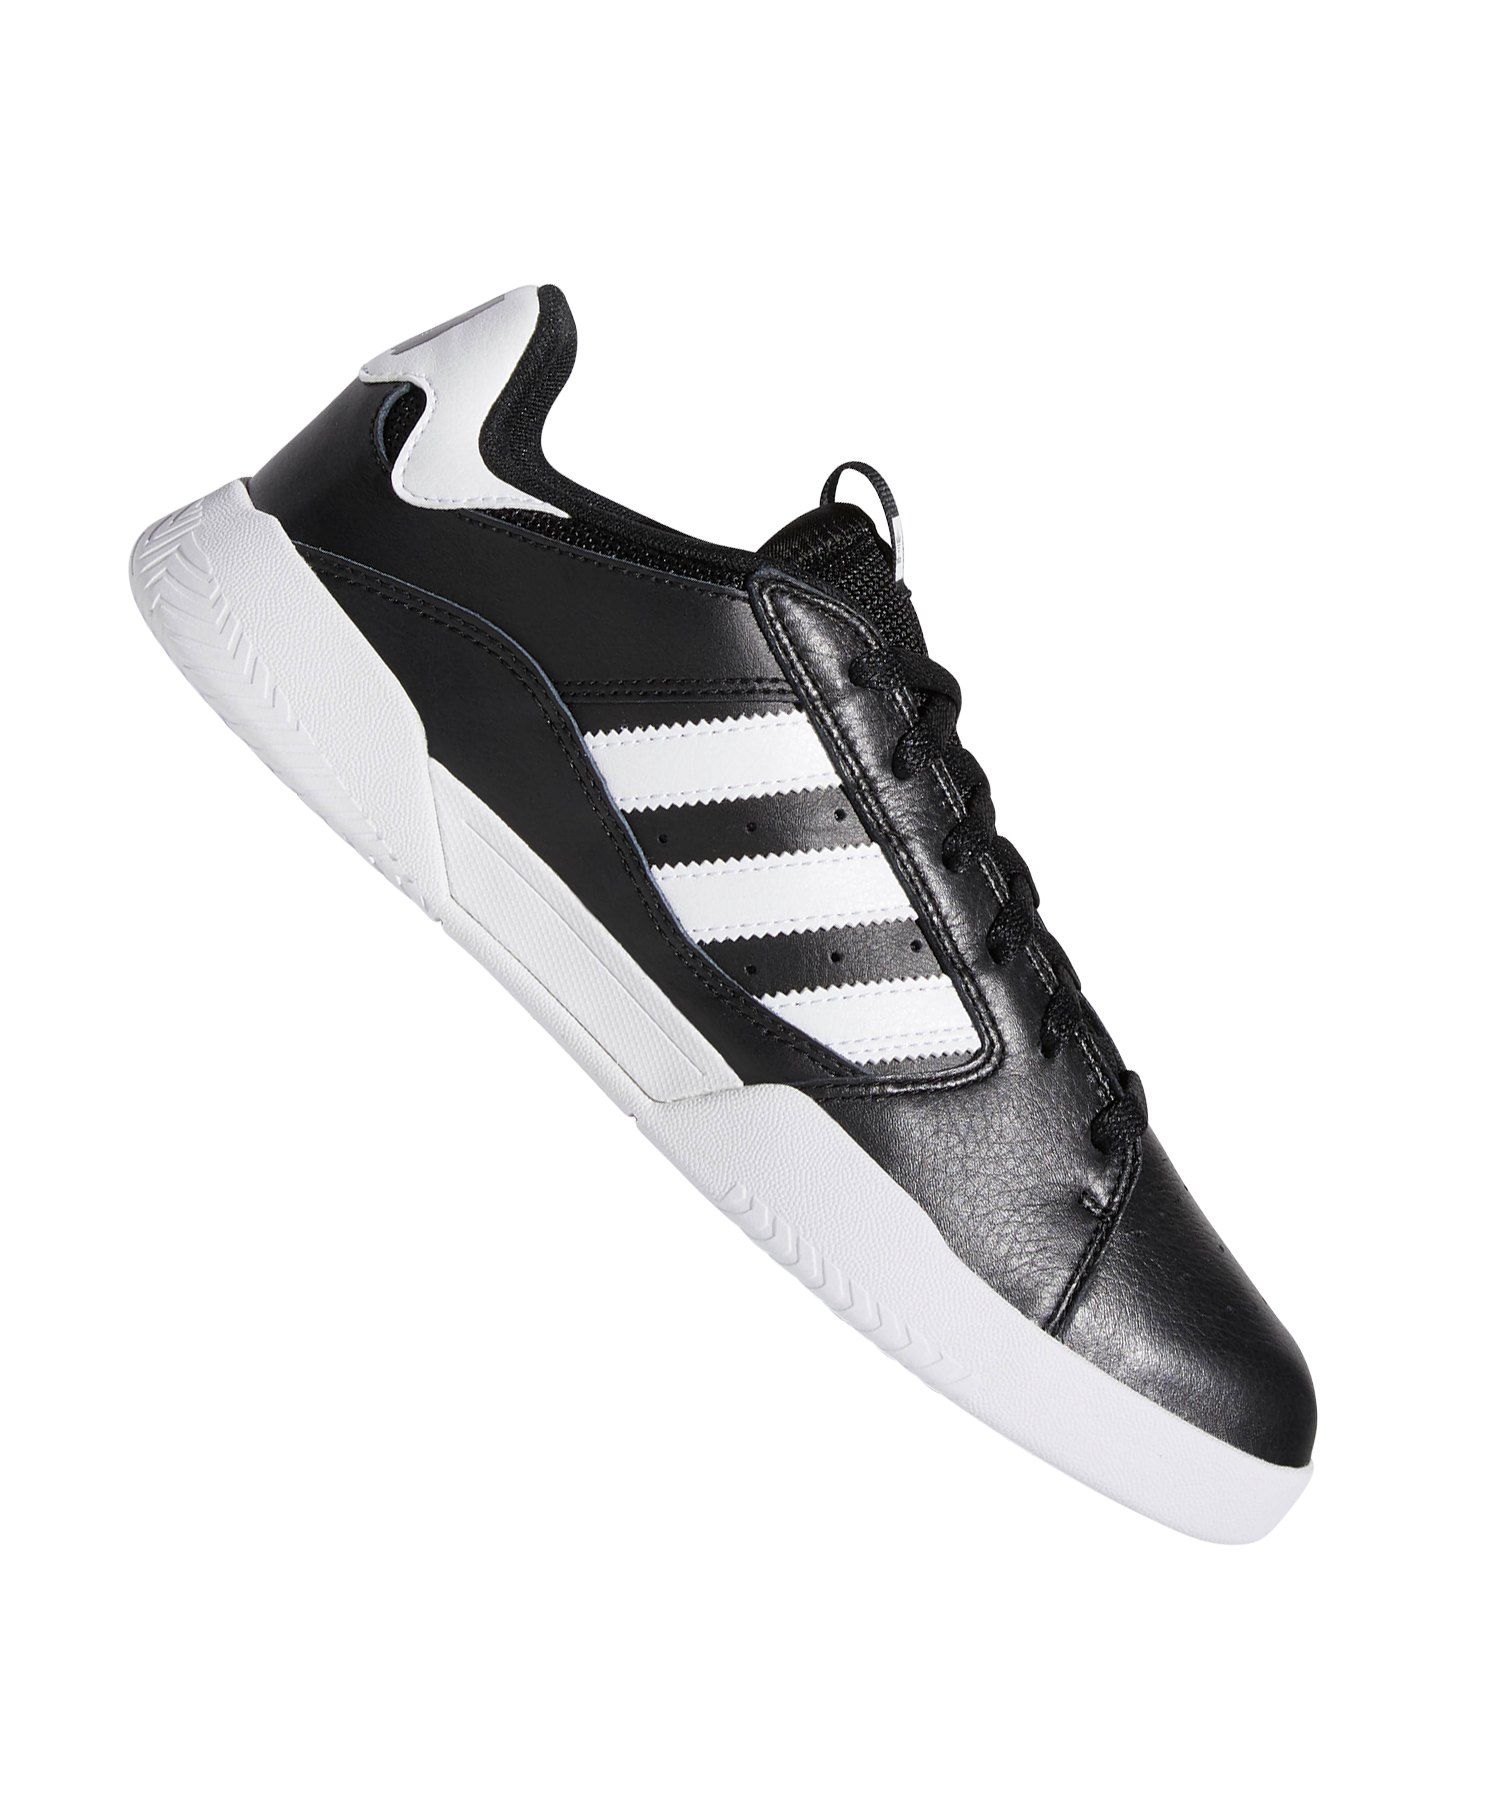 adidas schuhe schwarz weiß und 4A3jqL5R